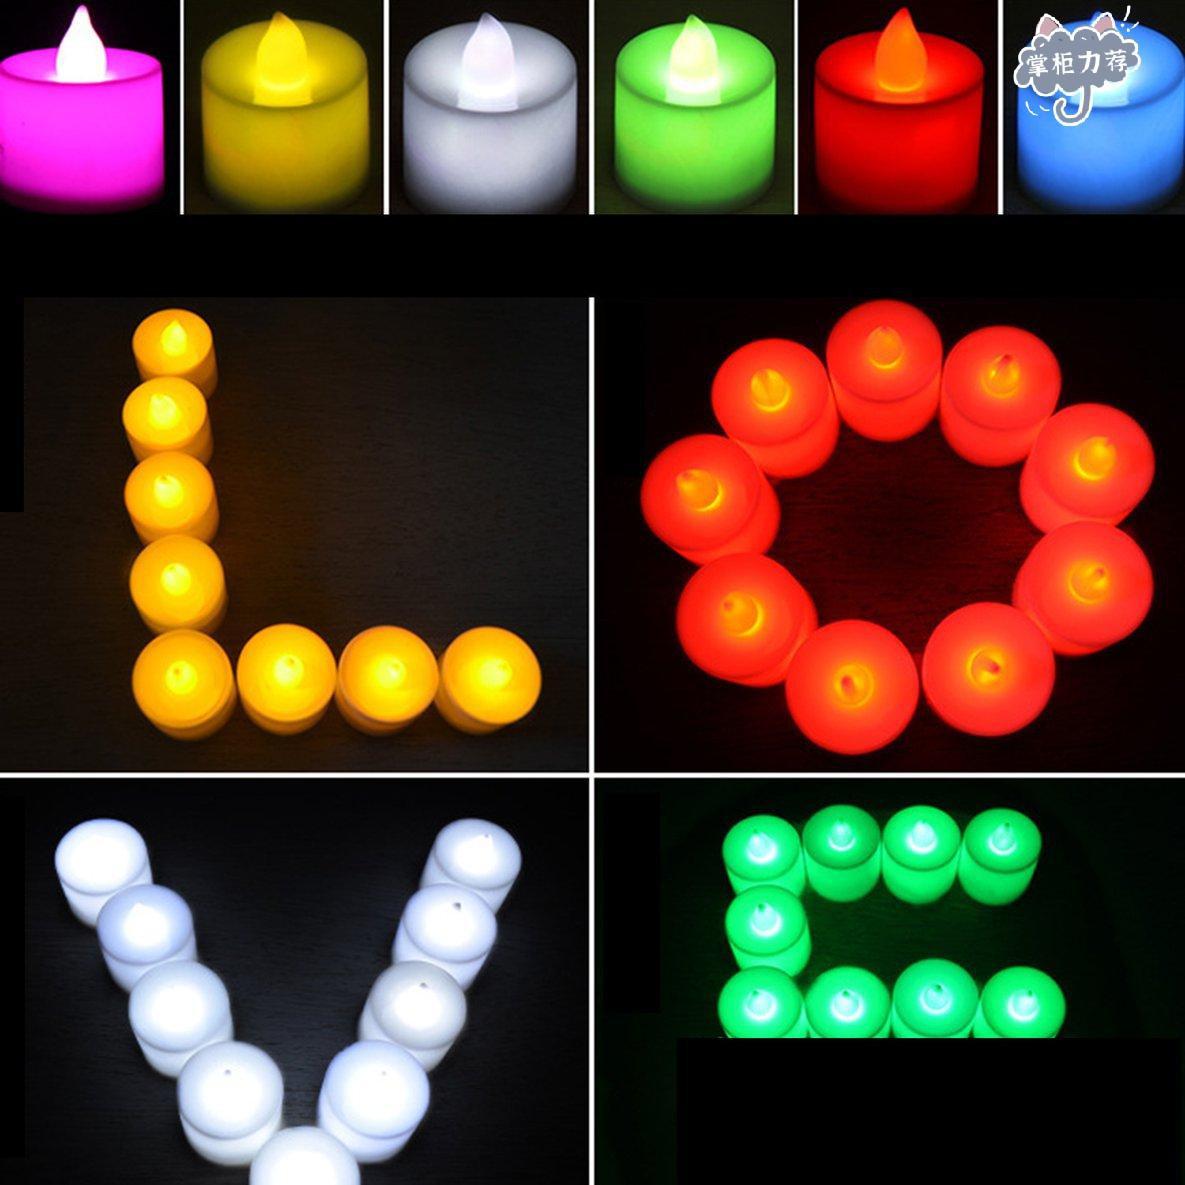 【全館免運】電子蠟燭燈創意結婚浪漫蠟燭佈置道具燈具新品上架